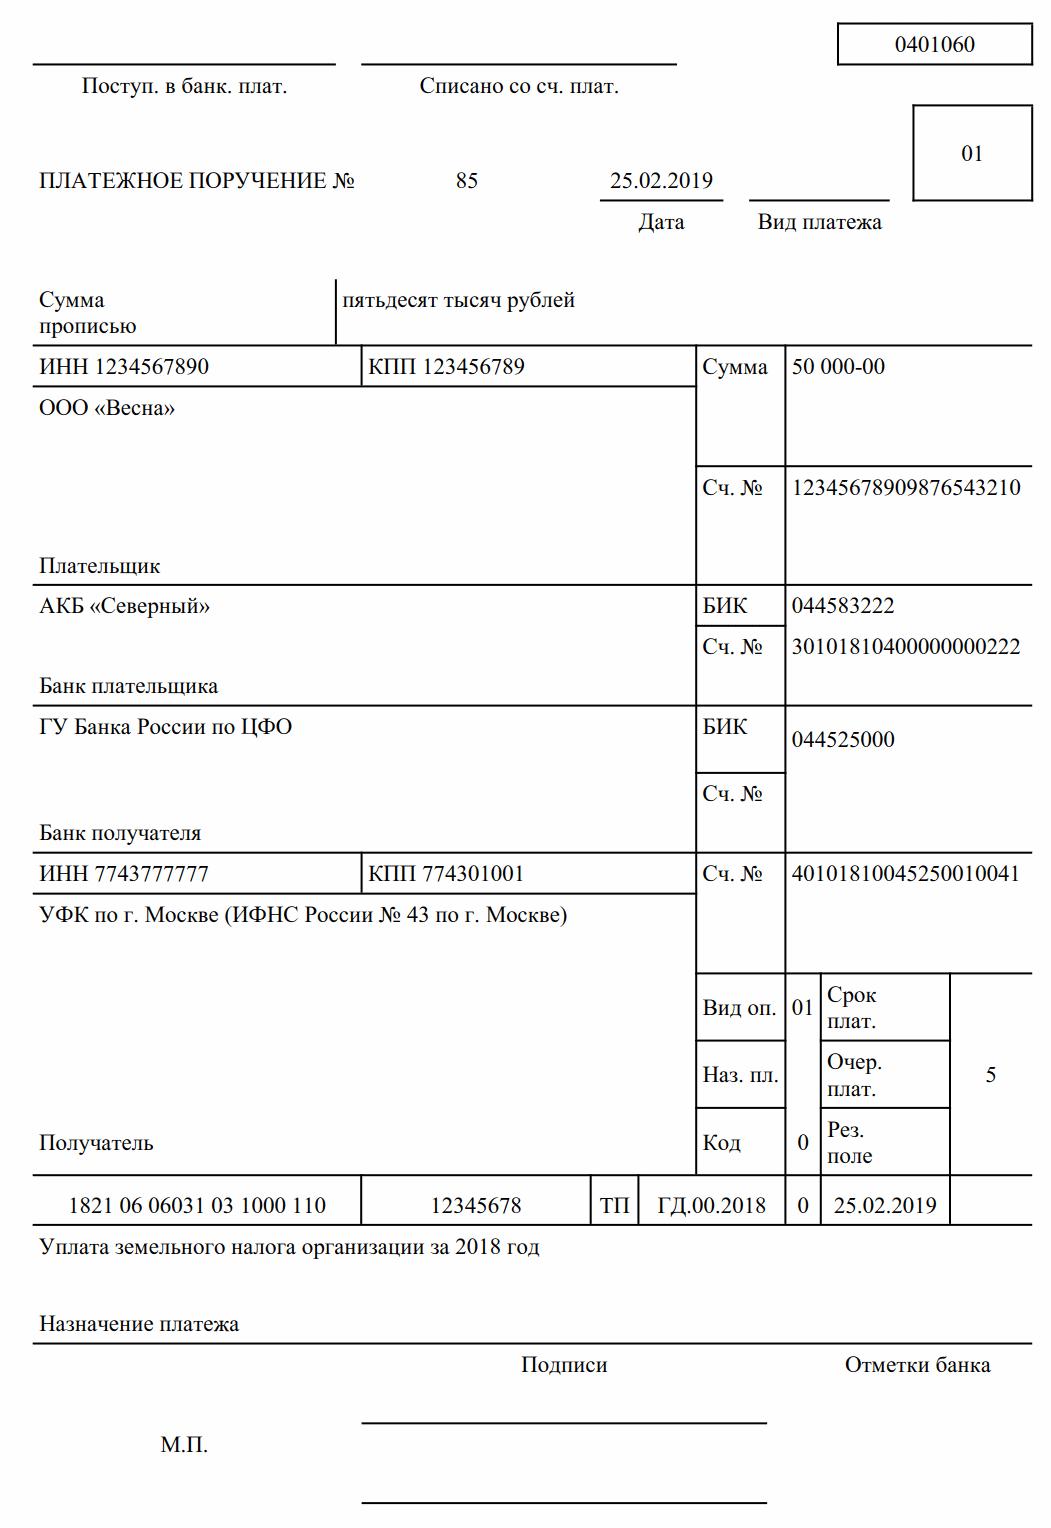 Критерии контролируемых сделок 2018